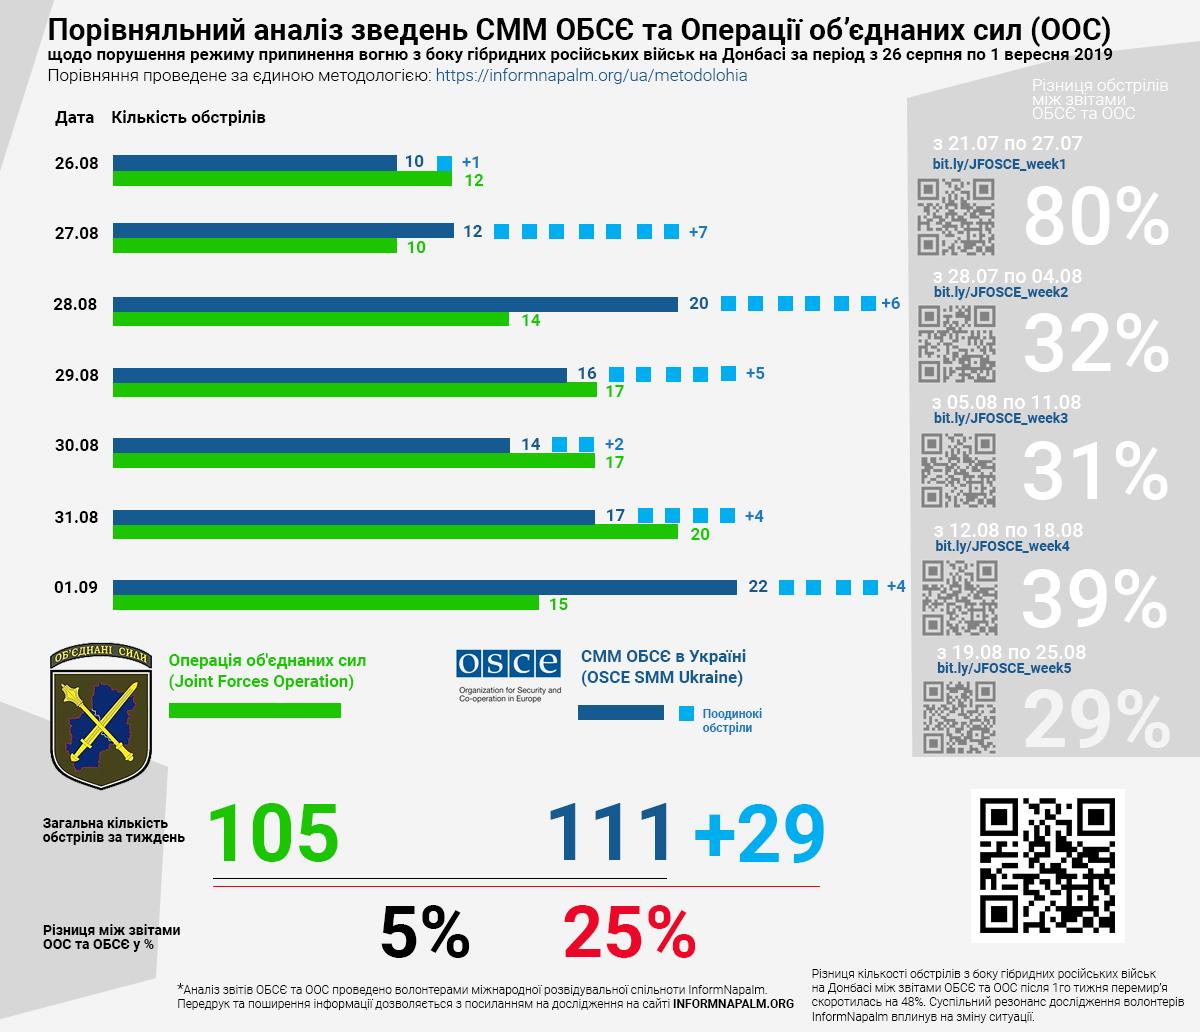 Брехня та маніпуляції МЗС України про зменшення обстрілів та кількості загиблих на Донбасі